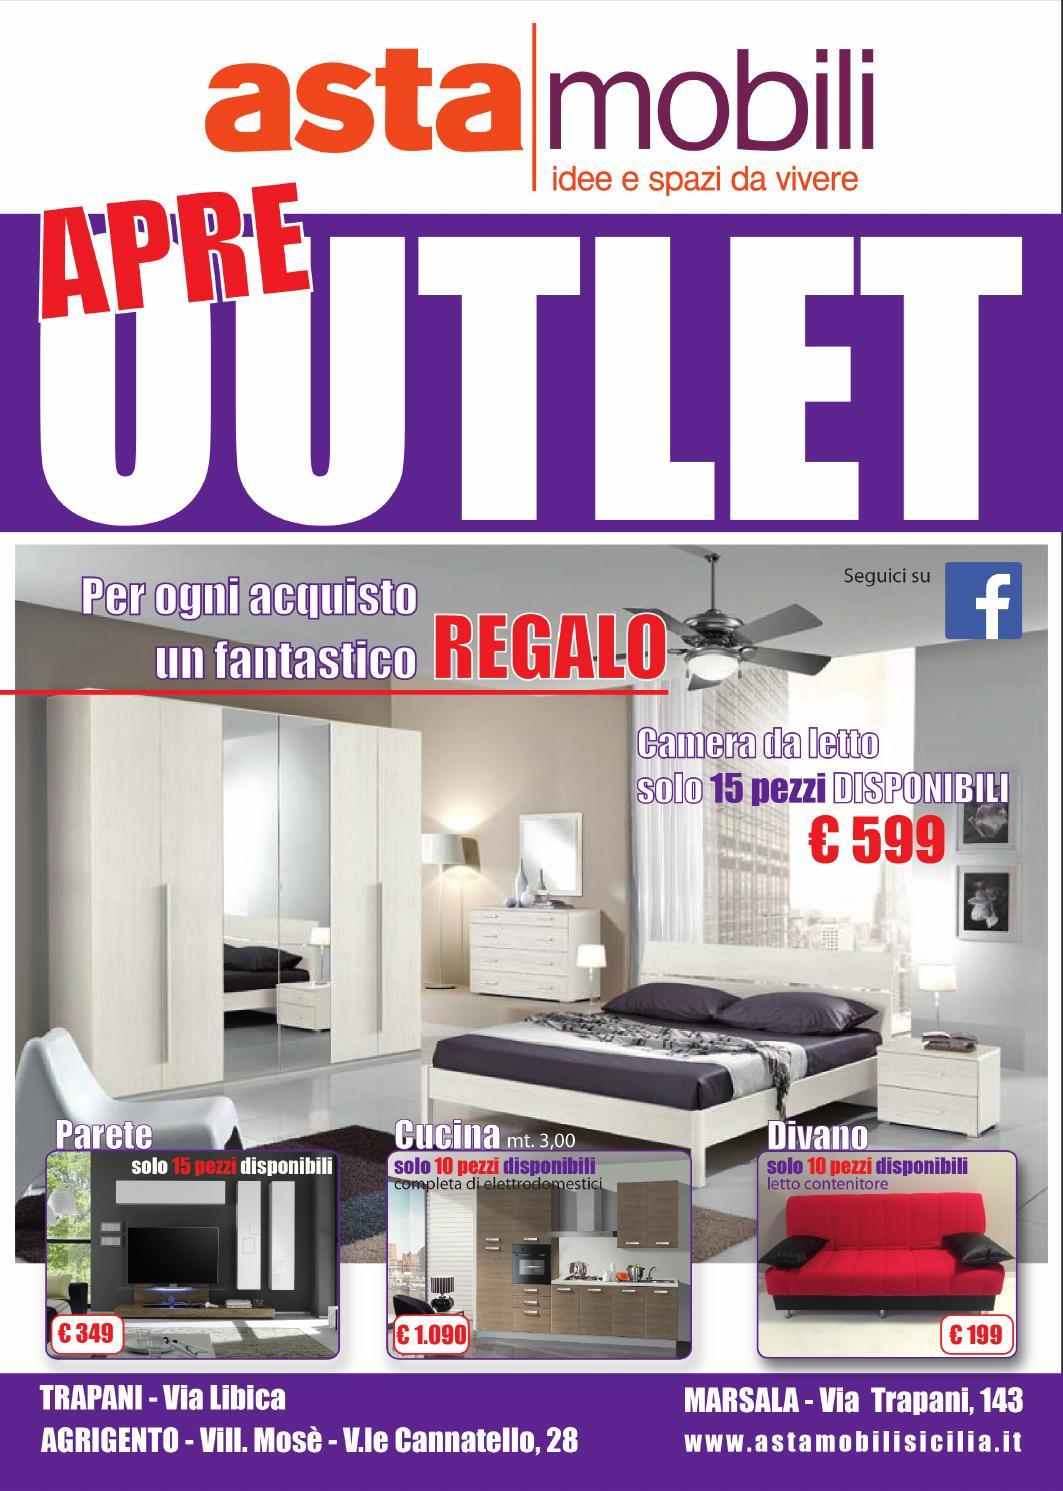 Apre asta mobili outlet by asta mobili sicilia issuu - Asta mobili cucine economiche ...